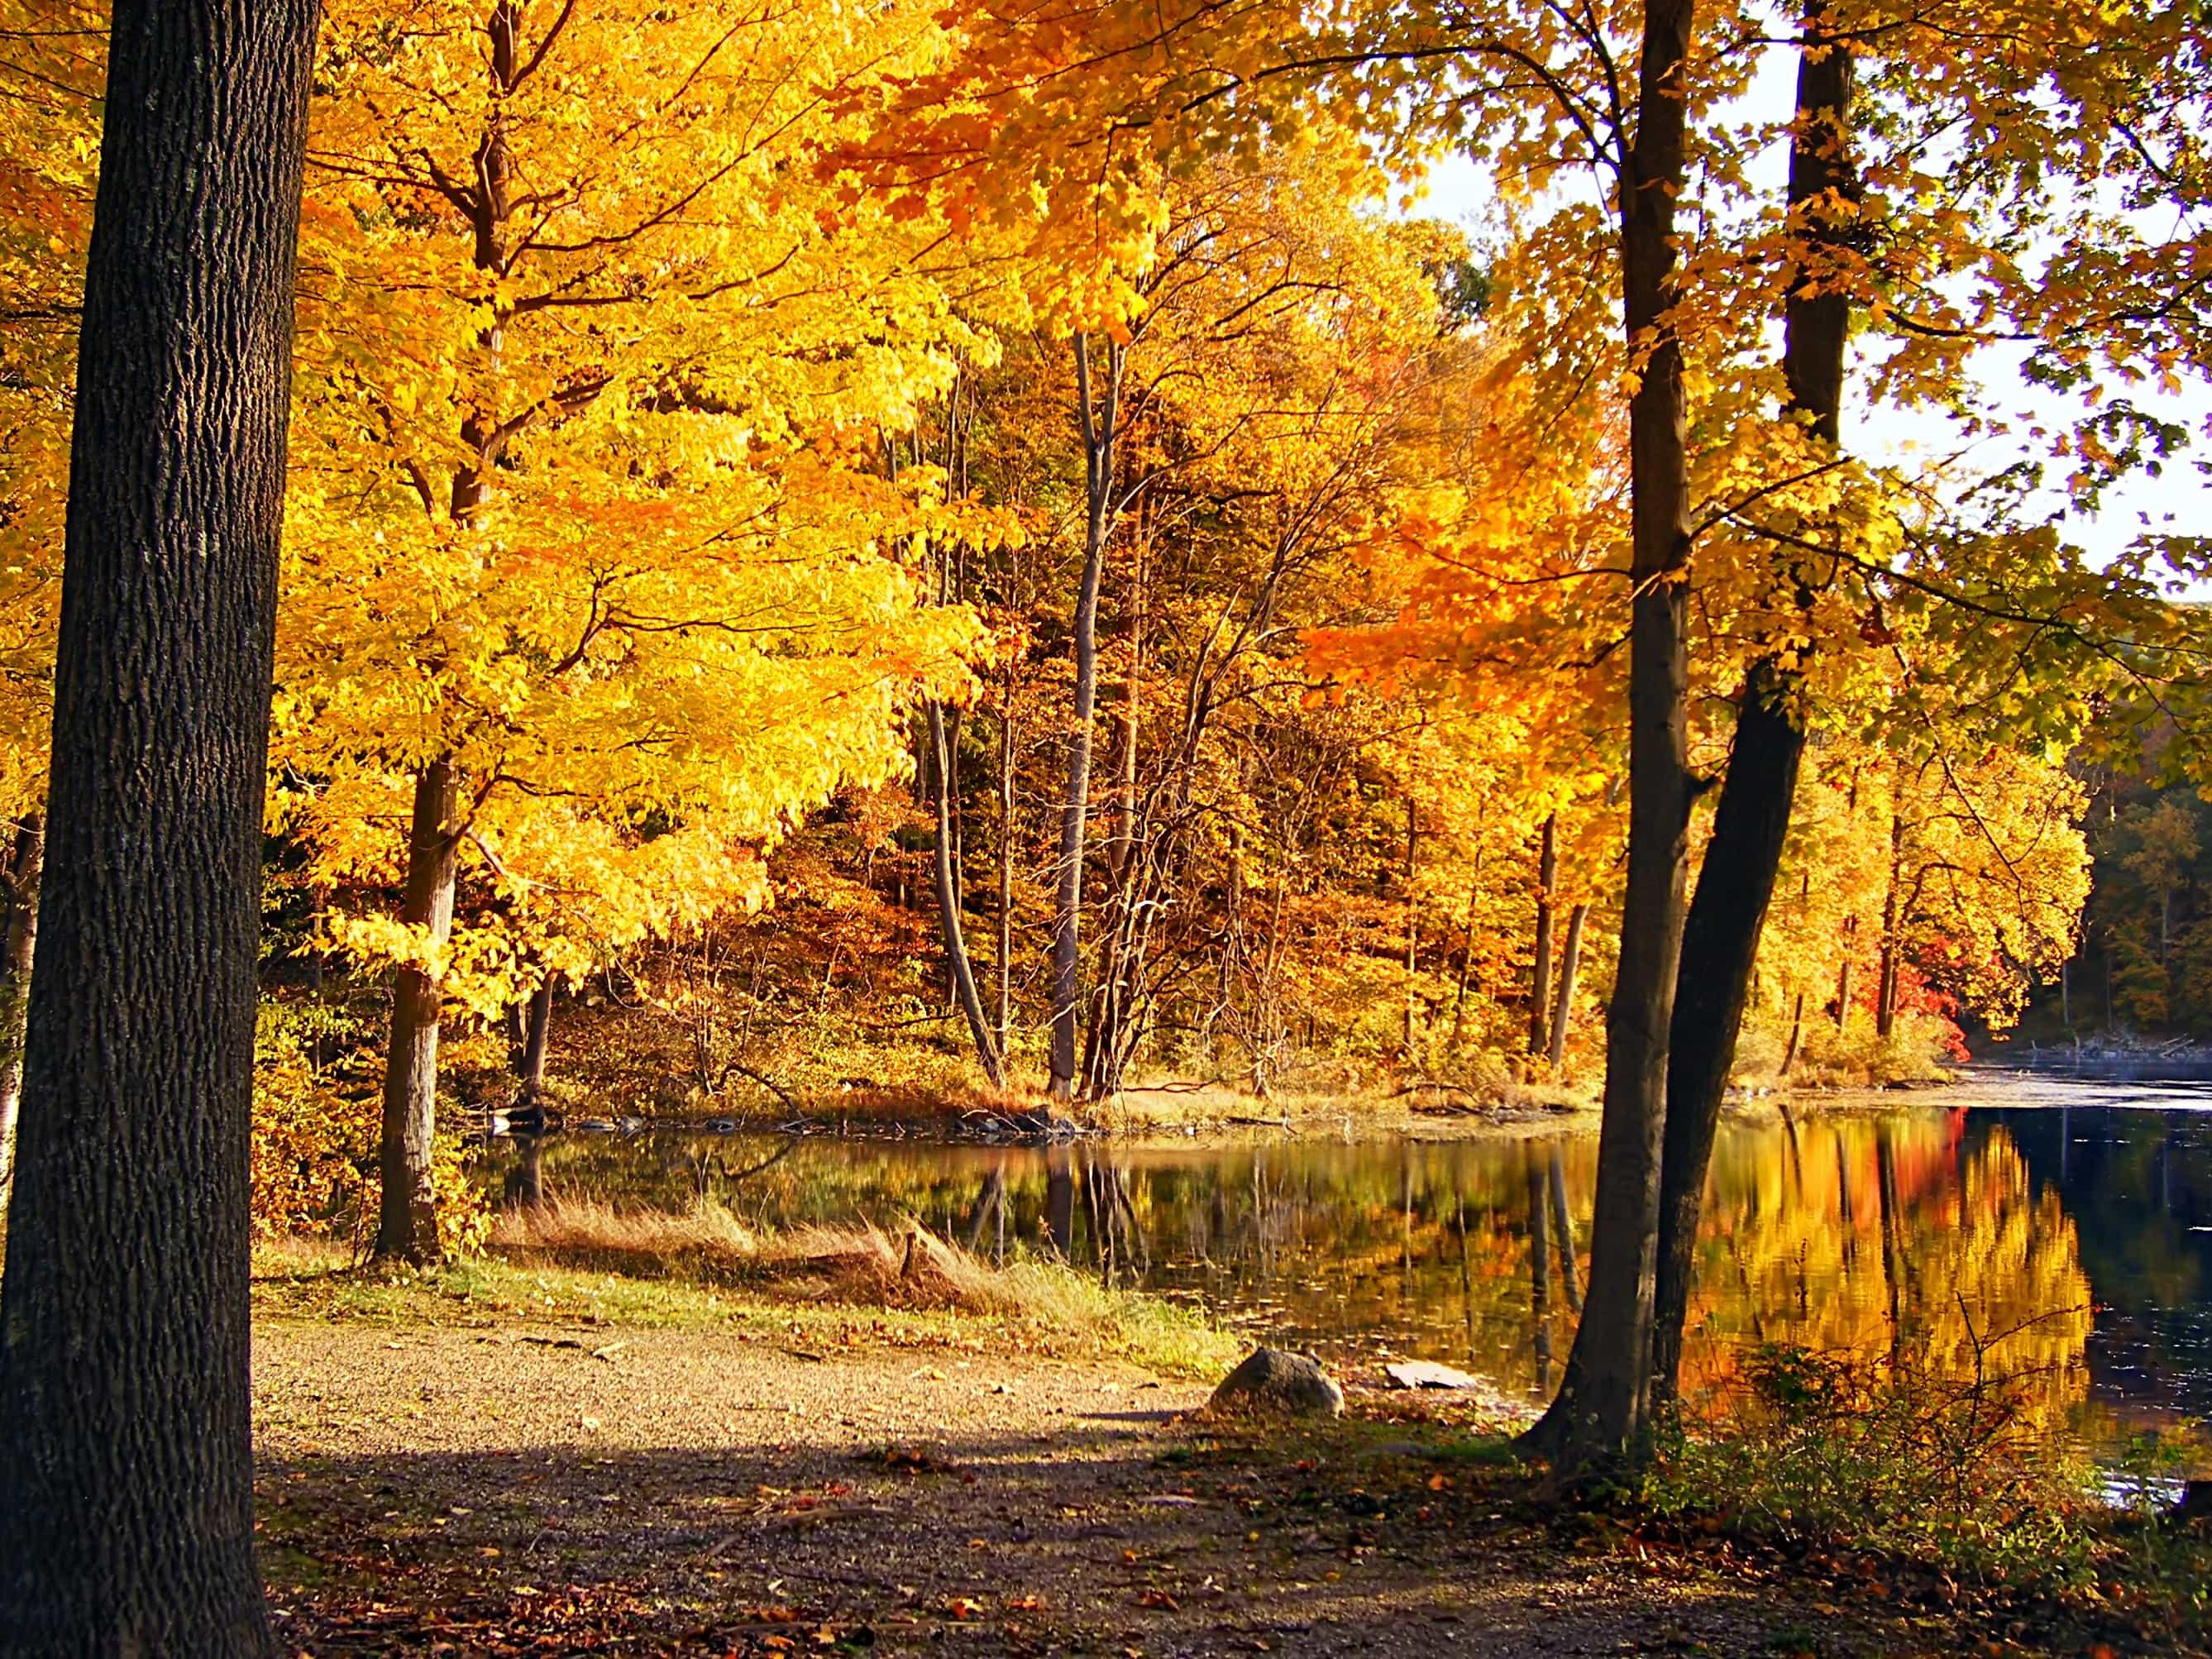 foto de Image libre: forêt, automne, lac, parc national, feuille, arbre ...